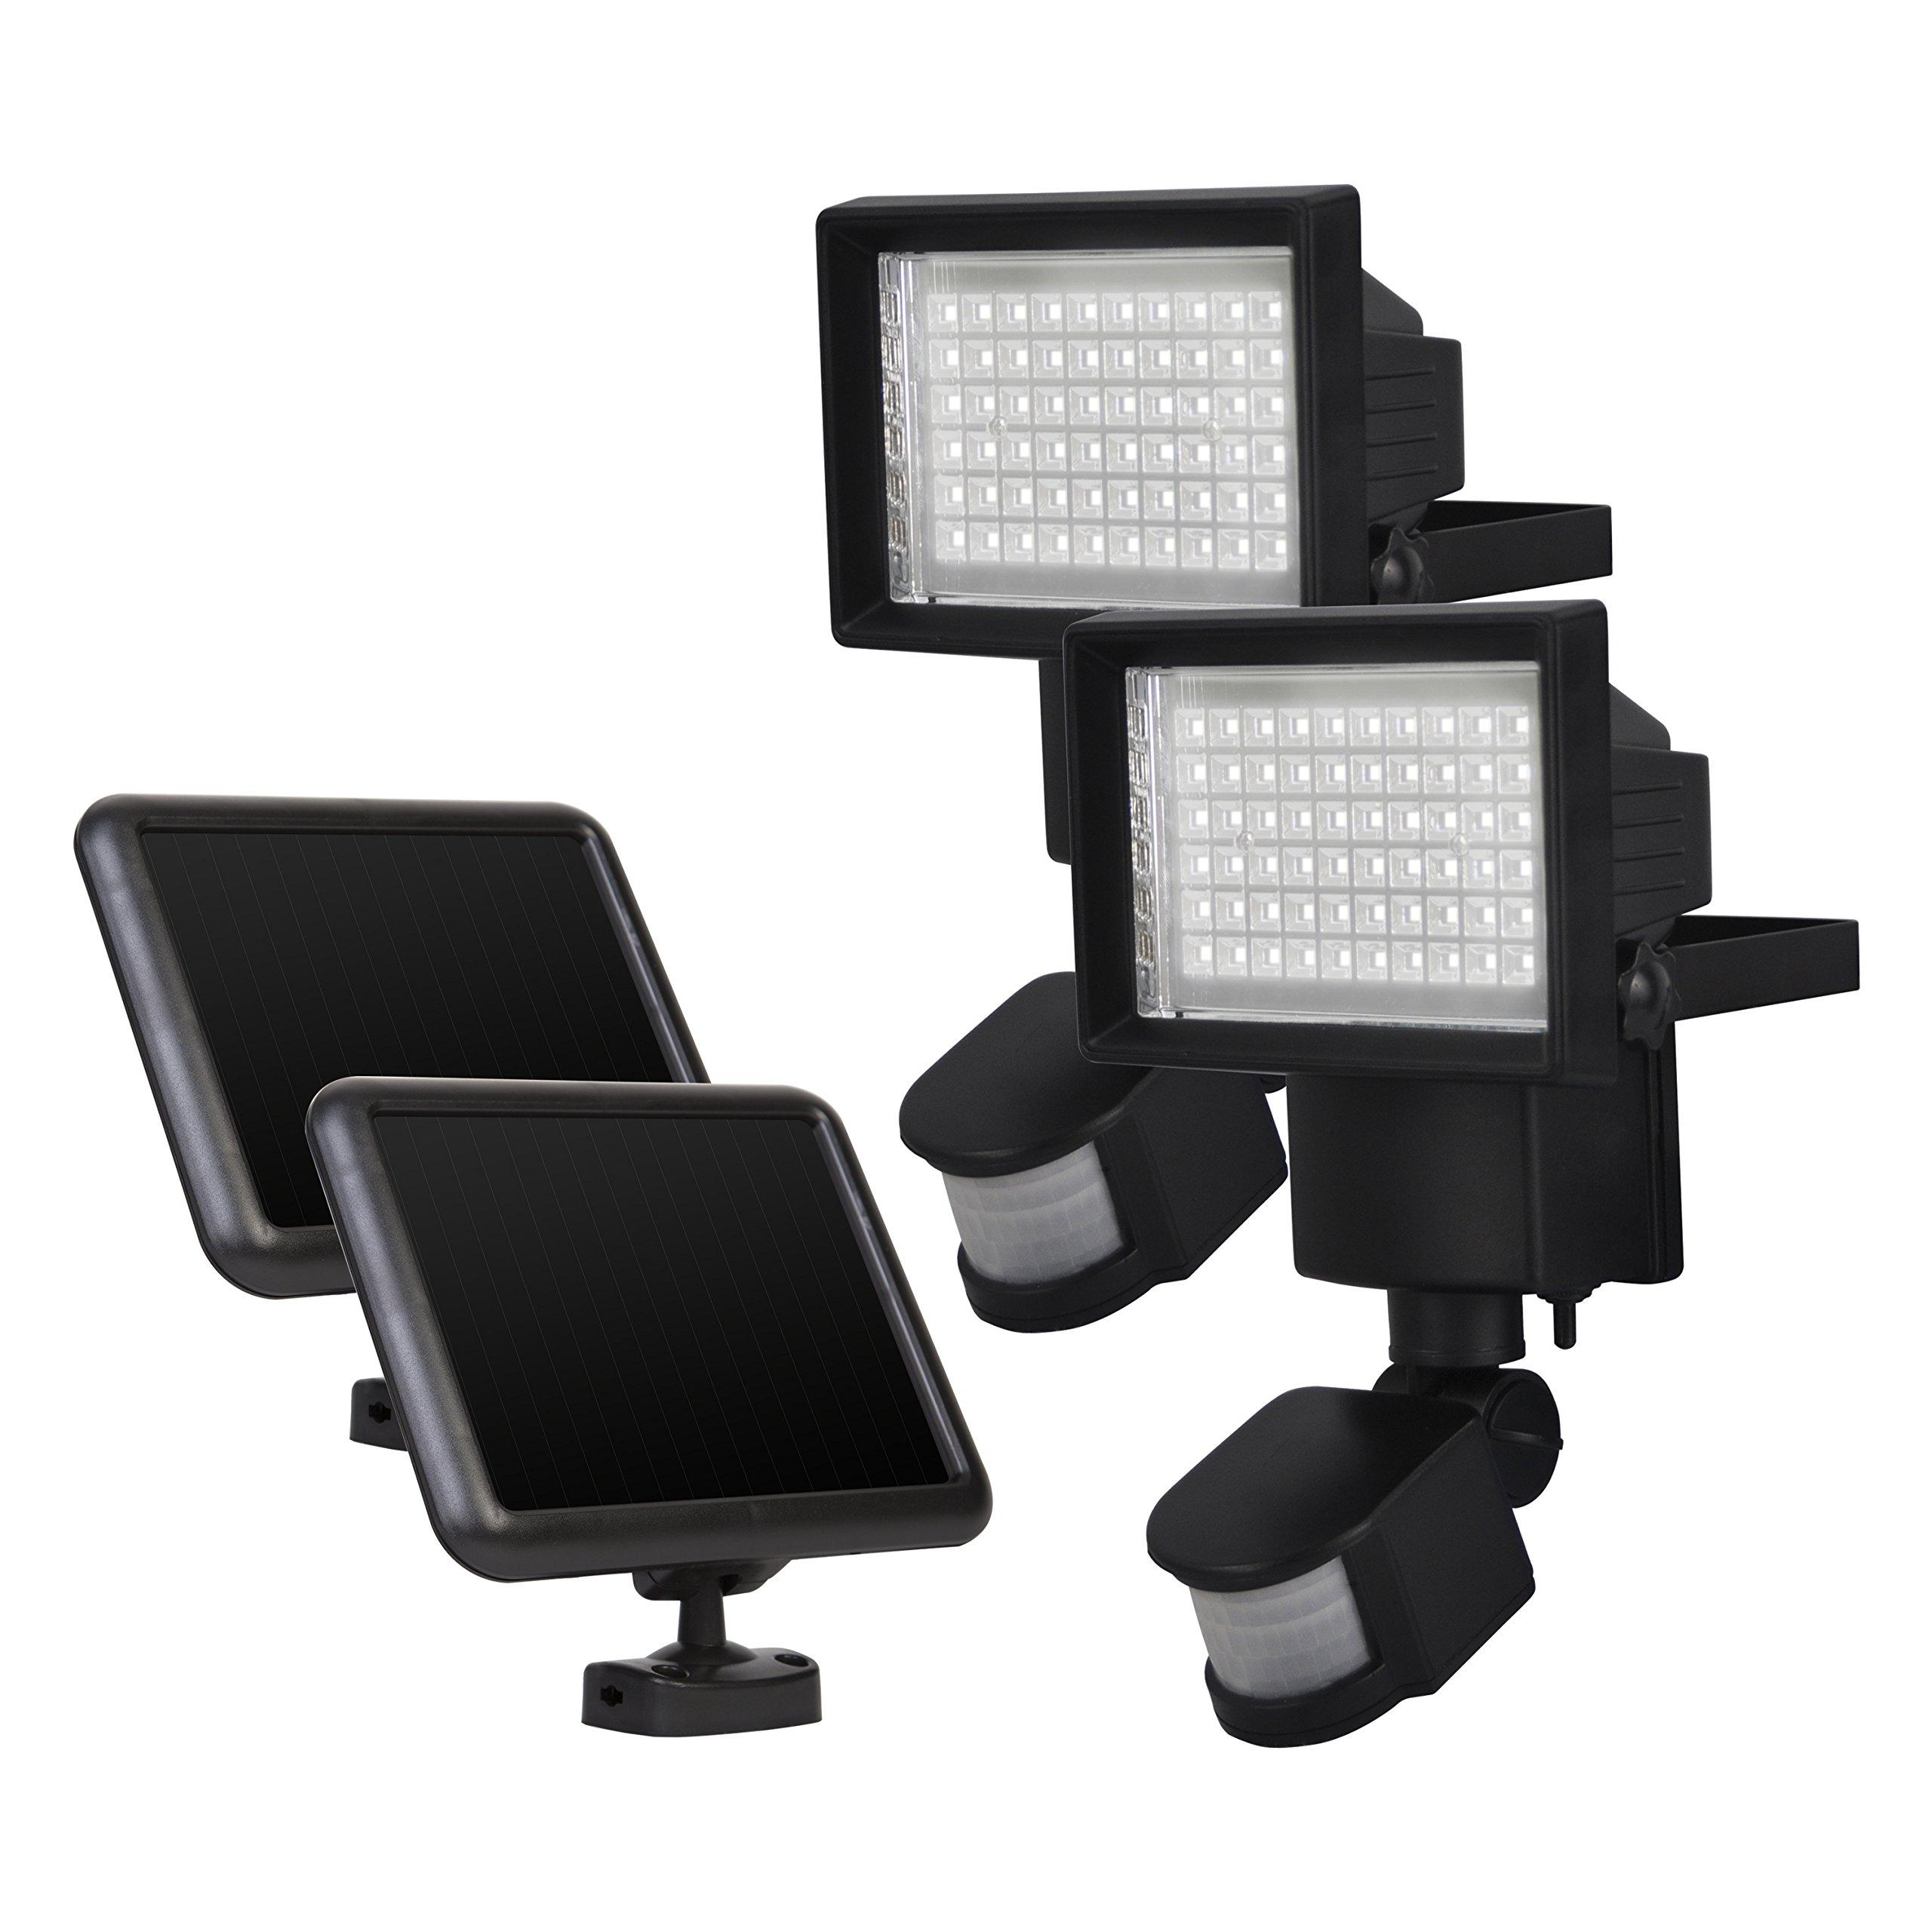 Sunforce 82256 60-LED Solar Motion Light - 2 pack by Sunforce